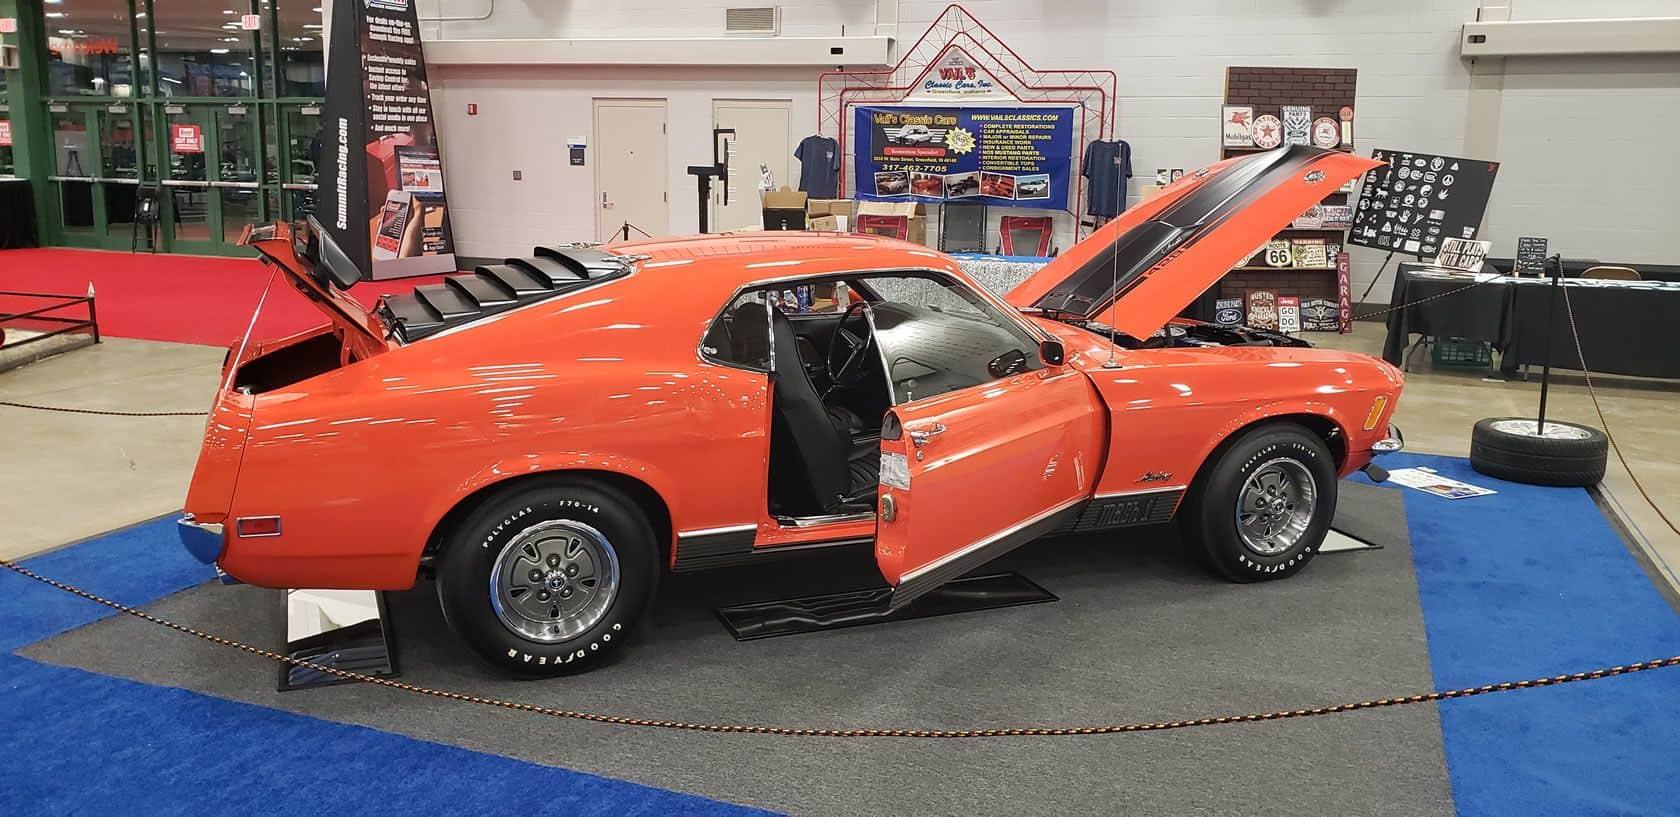 1970 mach 1 cobra